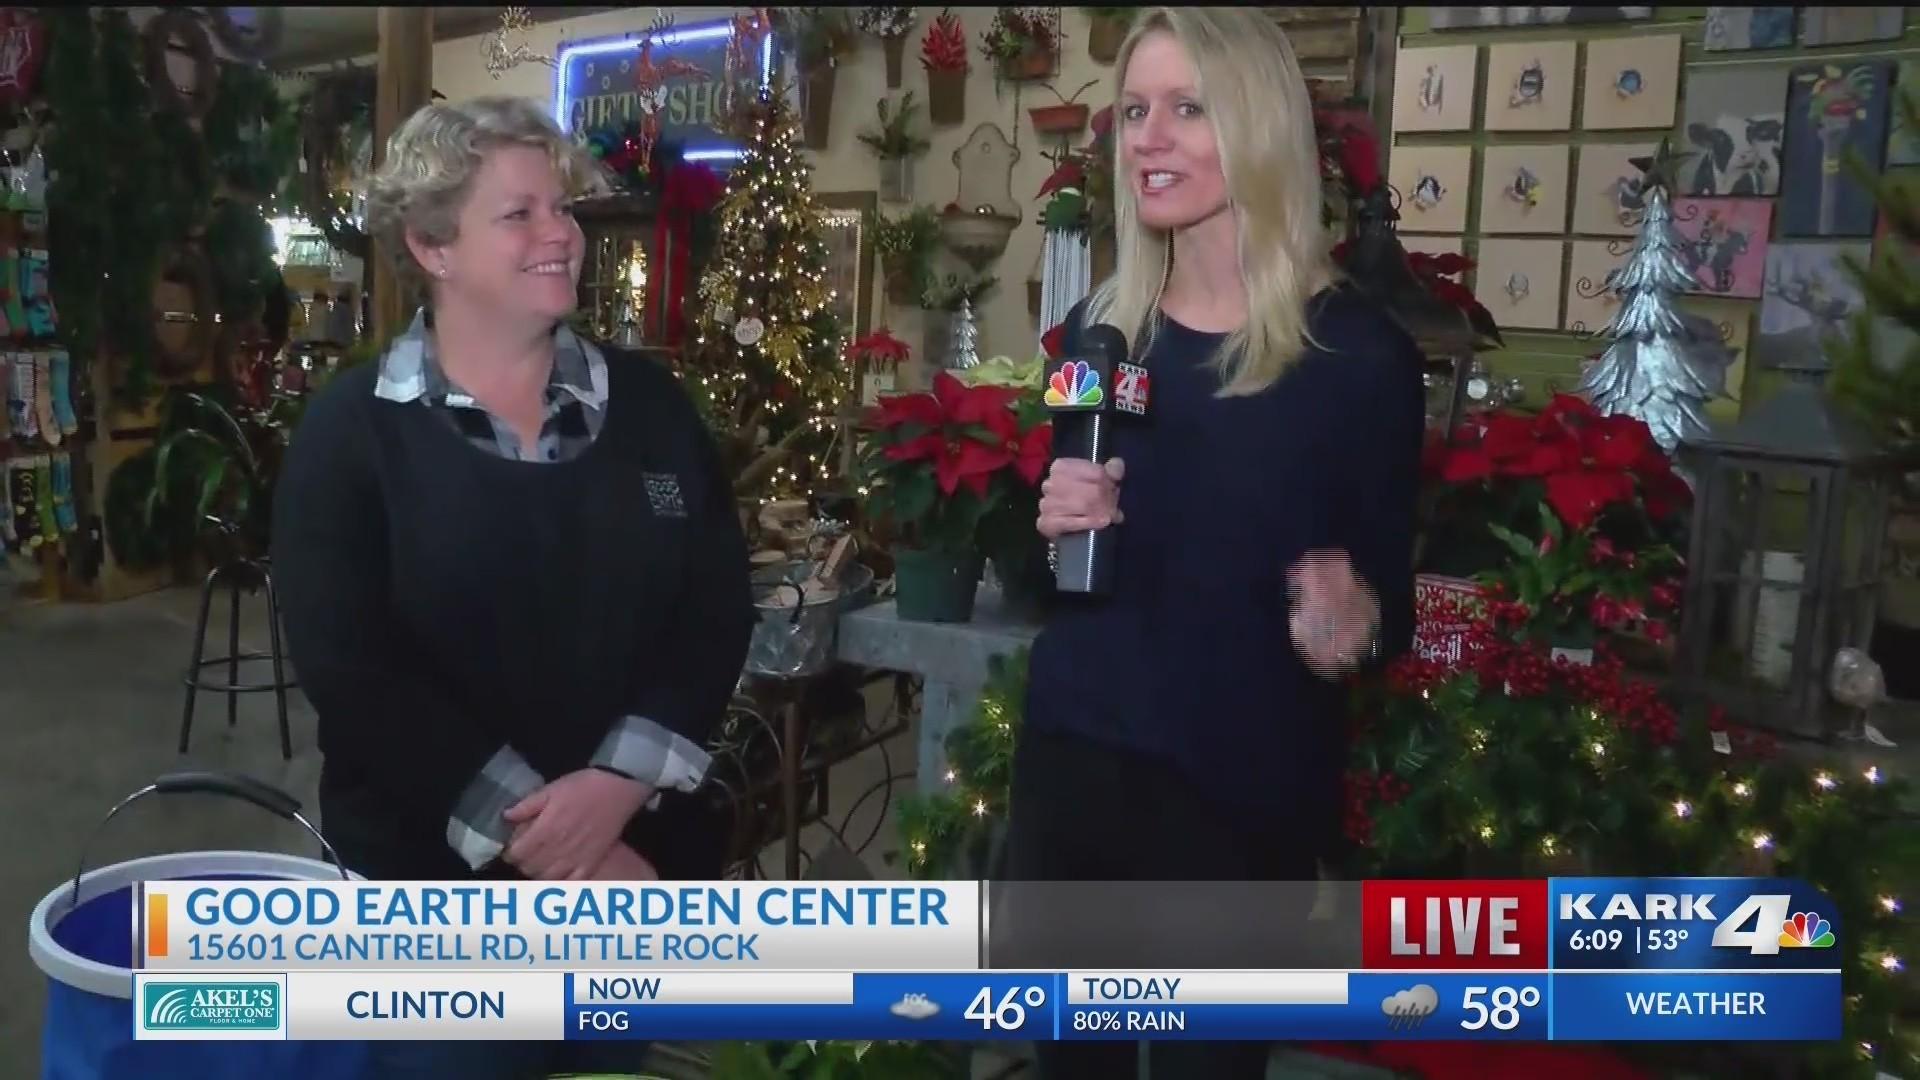 Good Earth Garden Center - Poinsettias